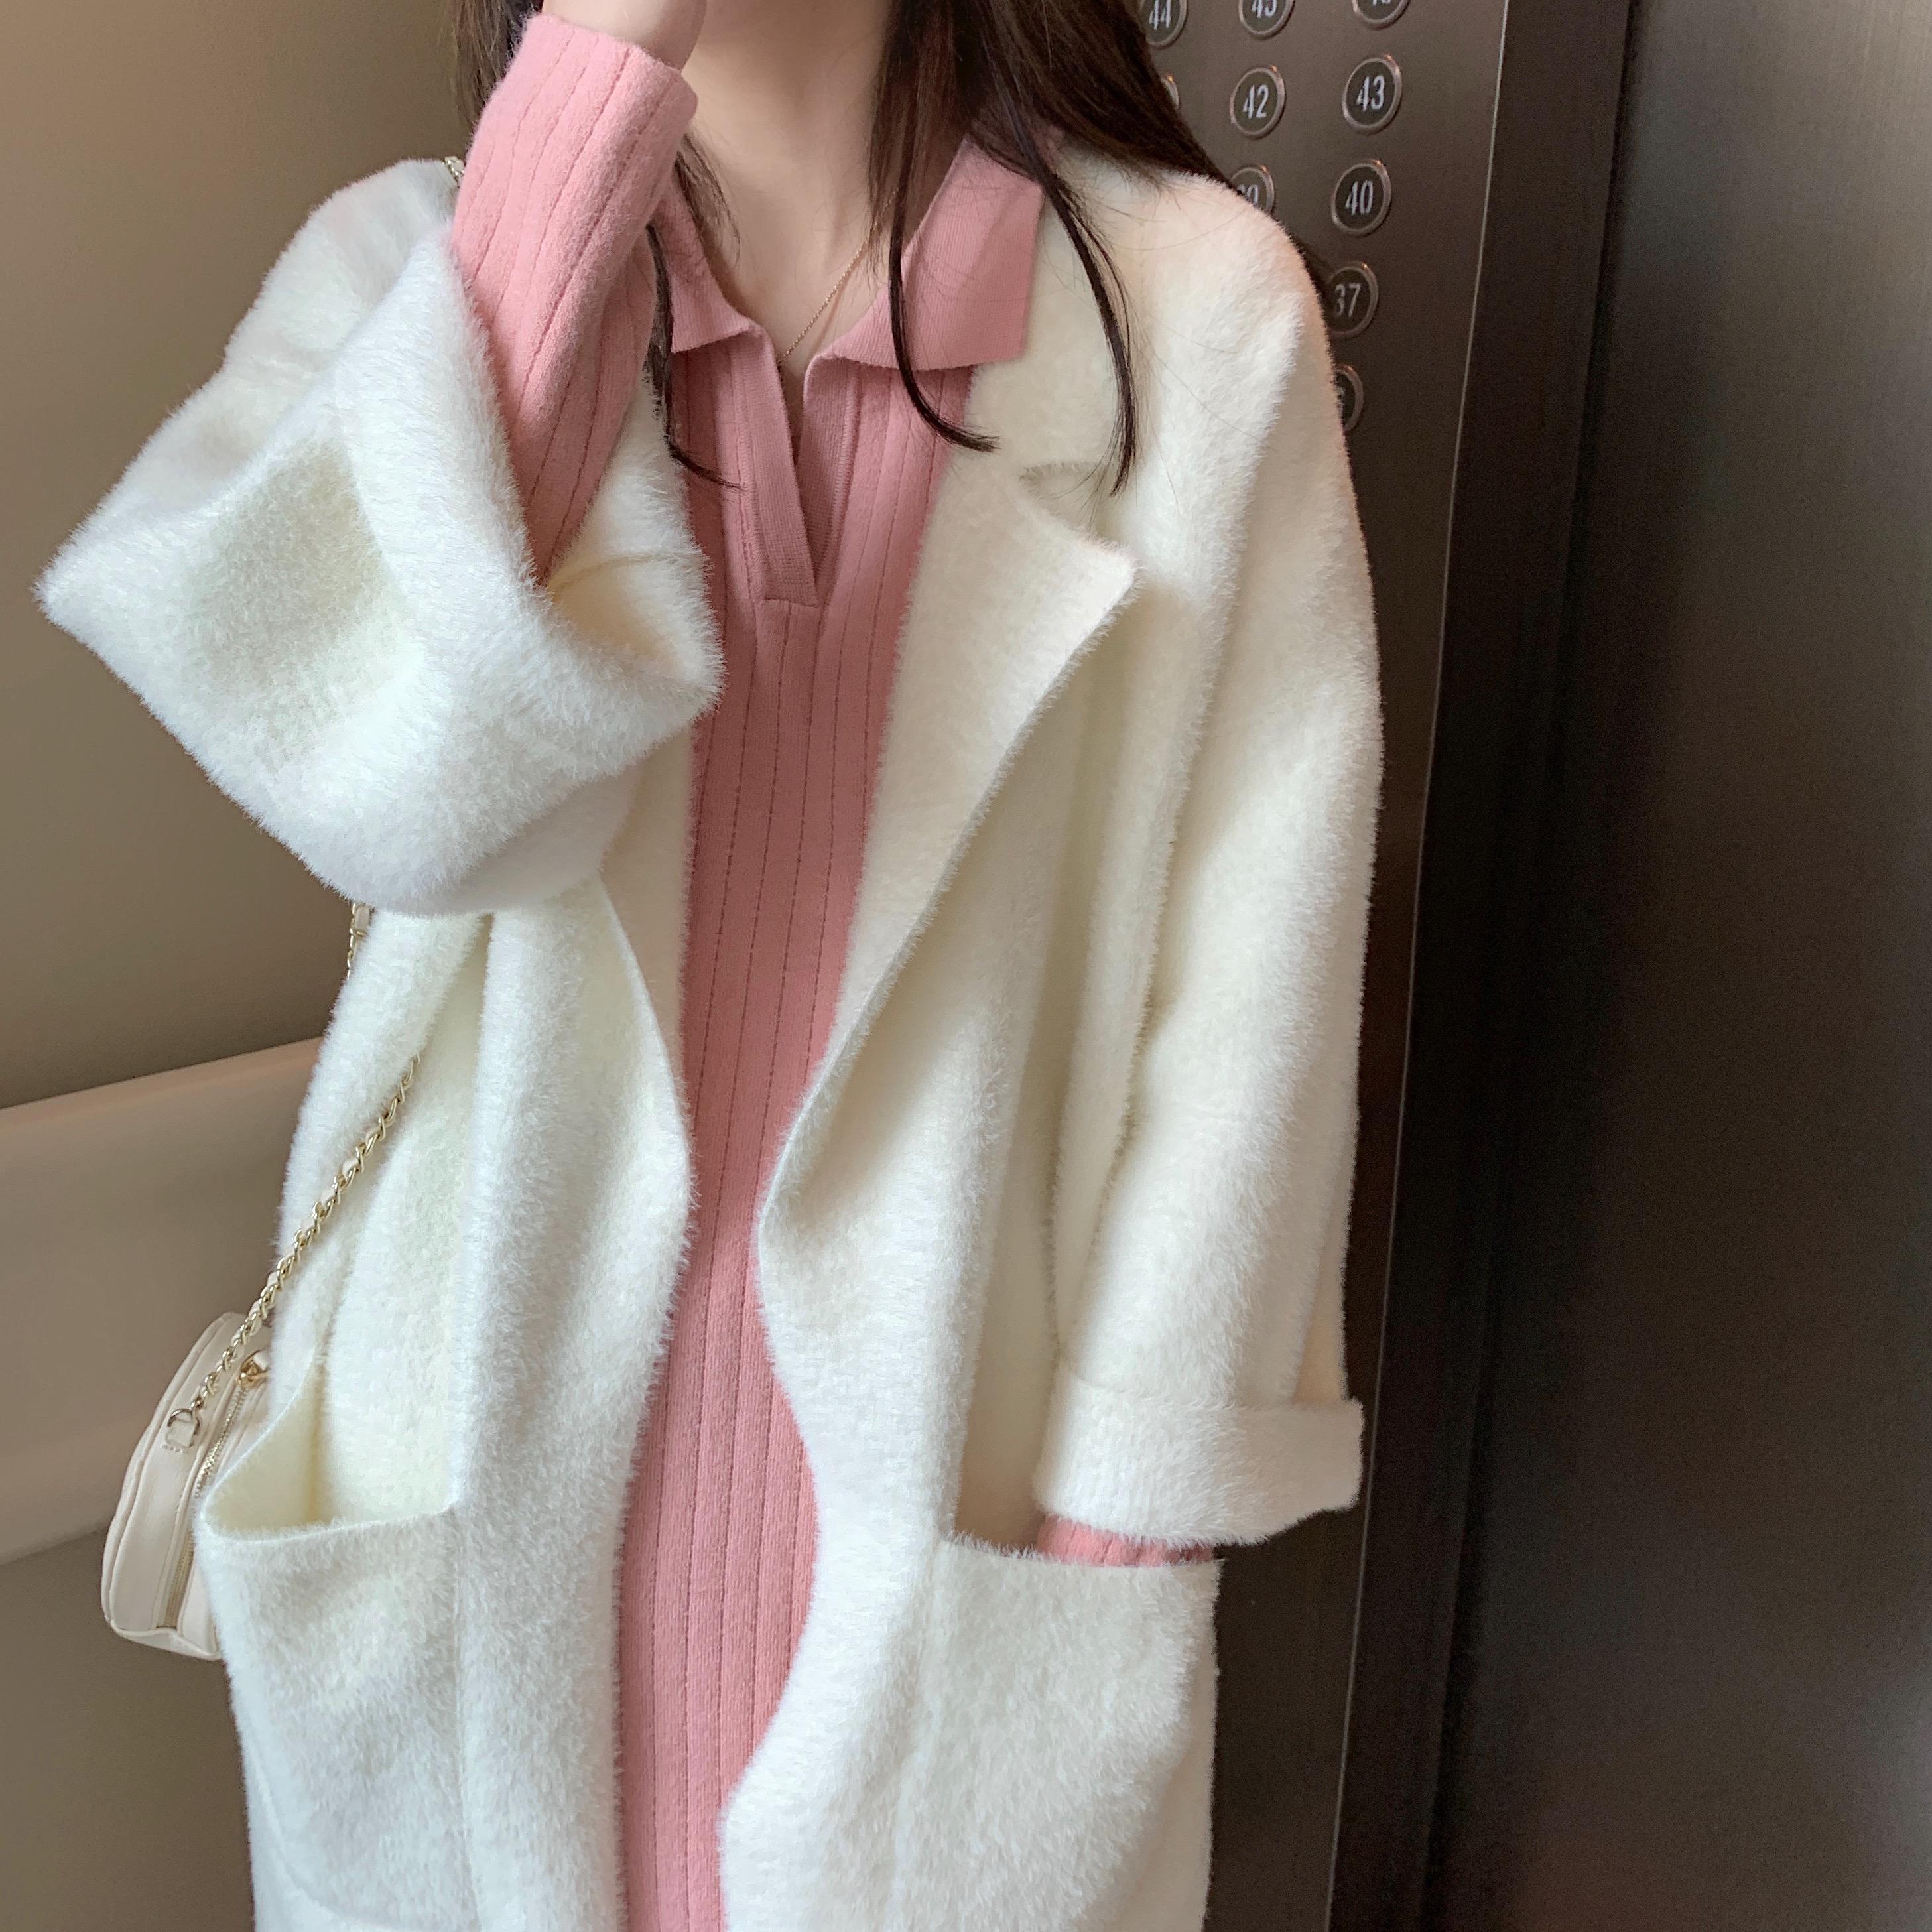 秋冬季慵懒风显瘦纯色水貂毛外套 2019 大衣女中长款 三色可选